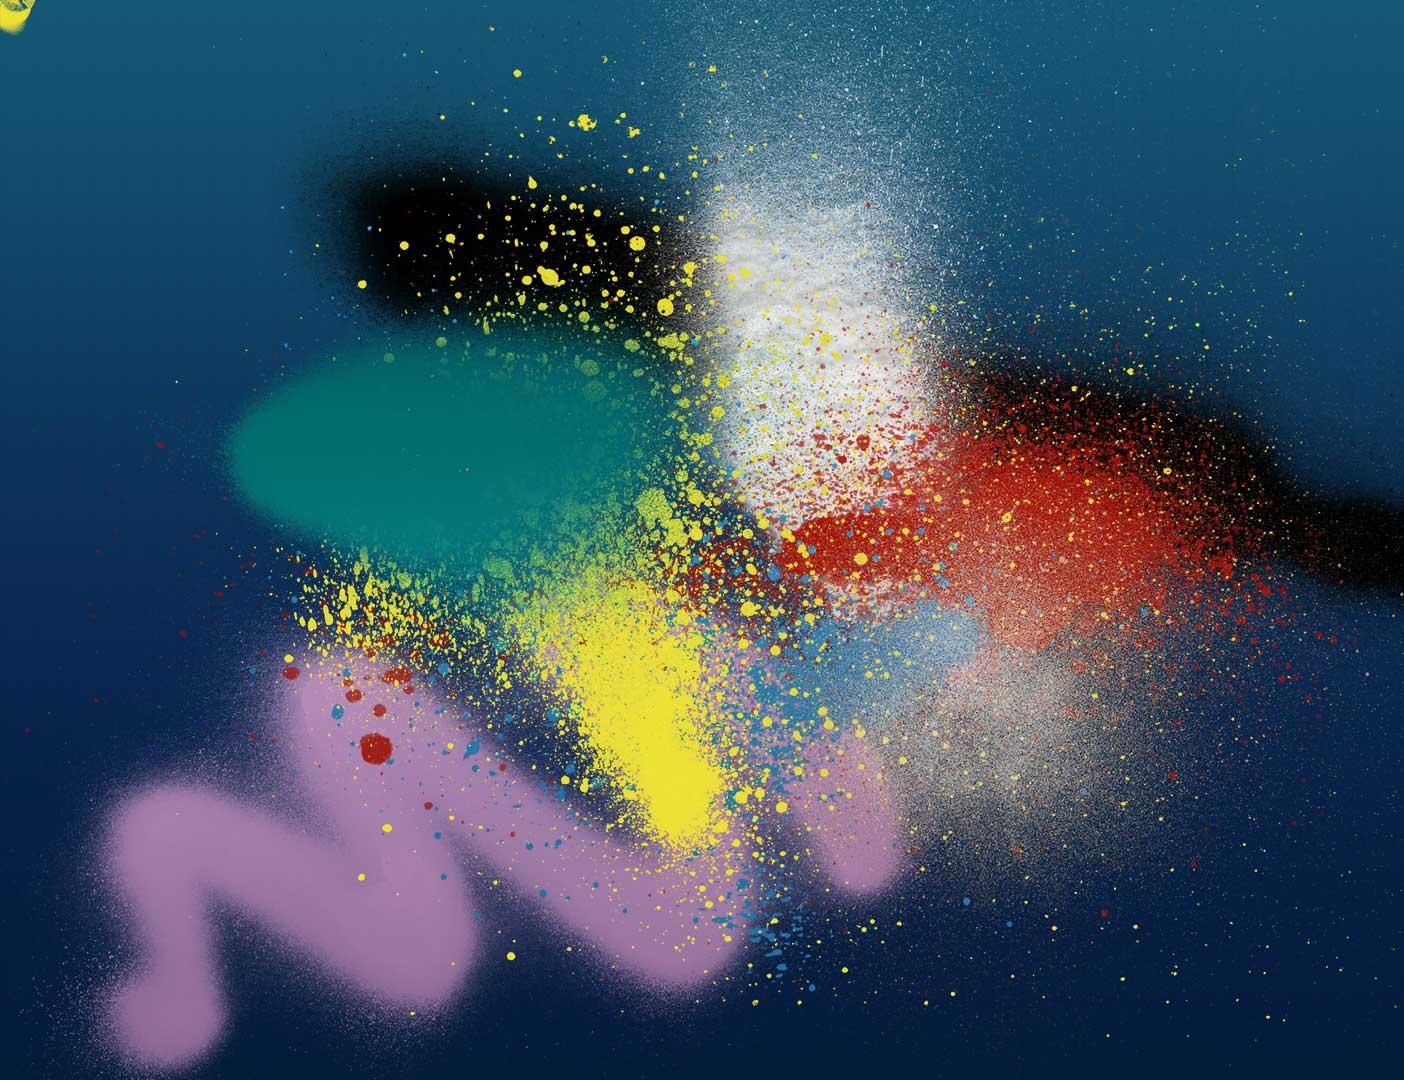 喷漆效果Photoshop喷绘笔刷下载 喷漆笔刷  %e6%b2%b9%e6%bc%86%e7%ac%94%e5%88%b7